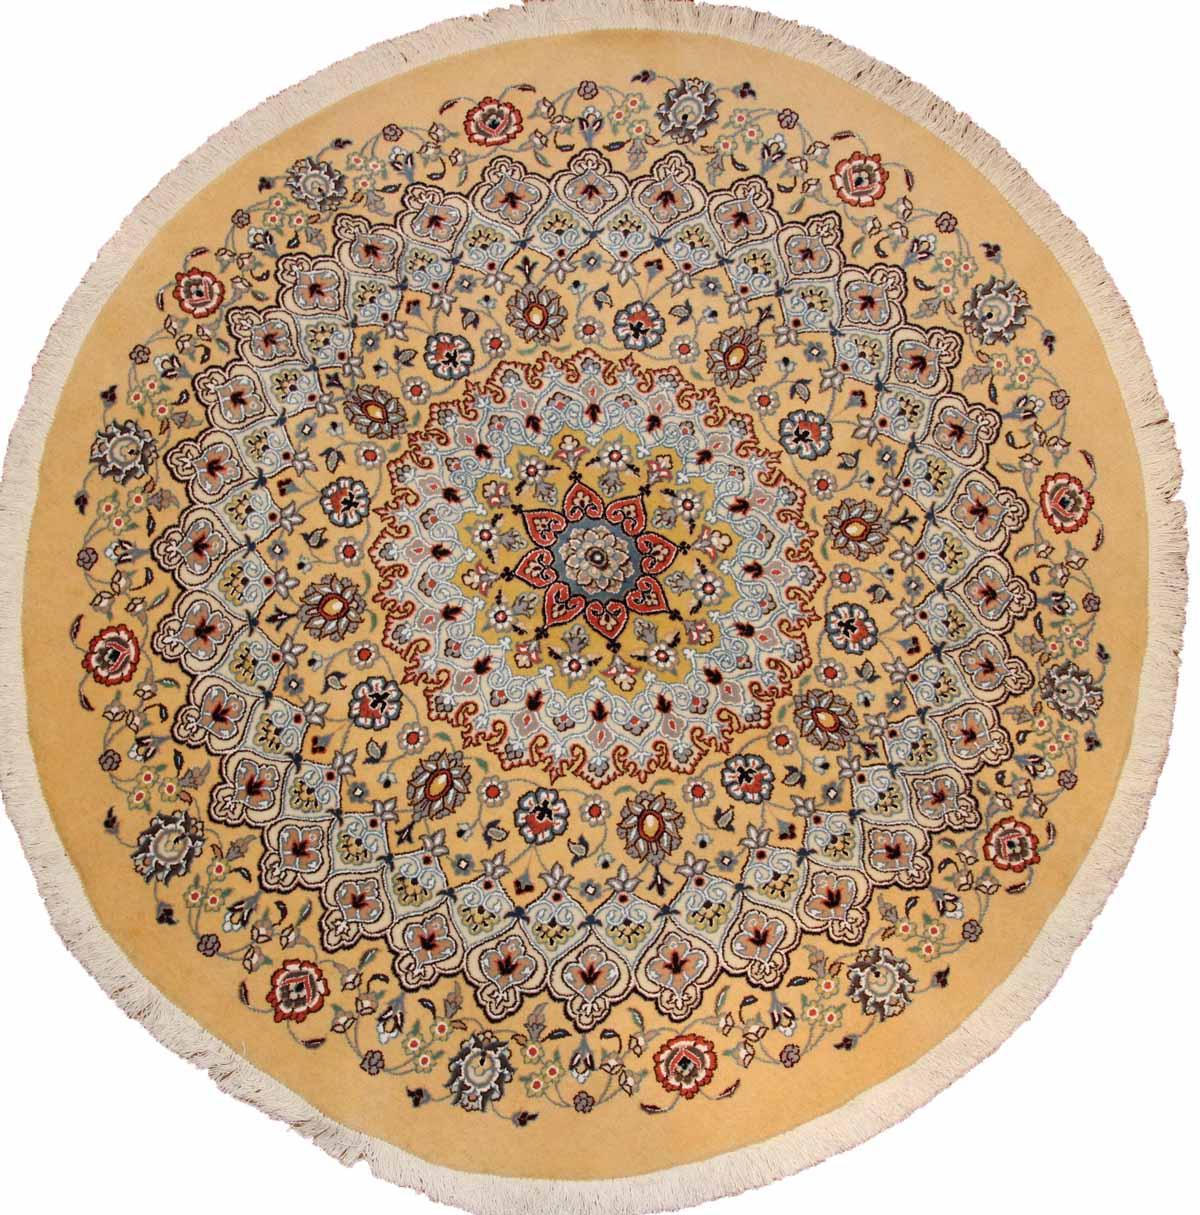 ペルシャ手織り絨毯の丸い形シルクとウールイェロー色188457